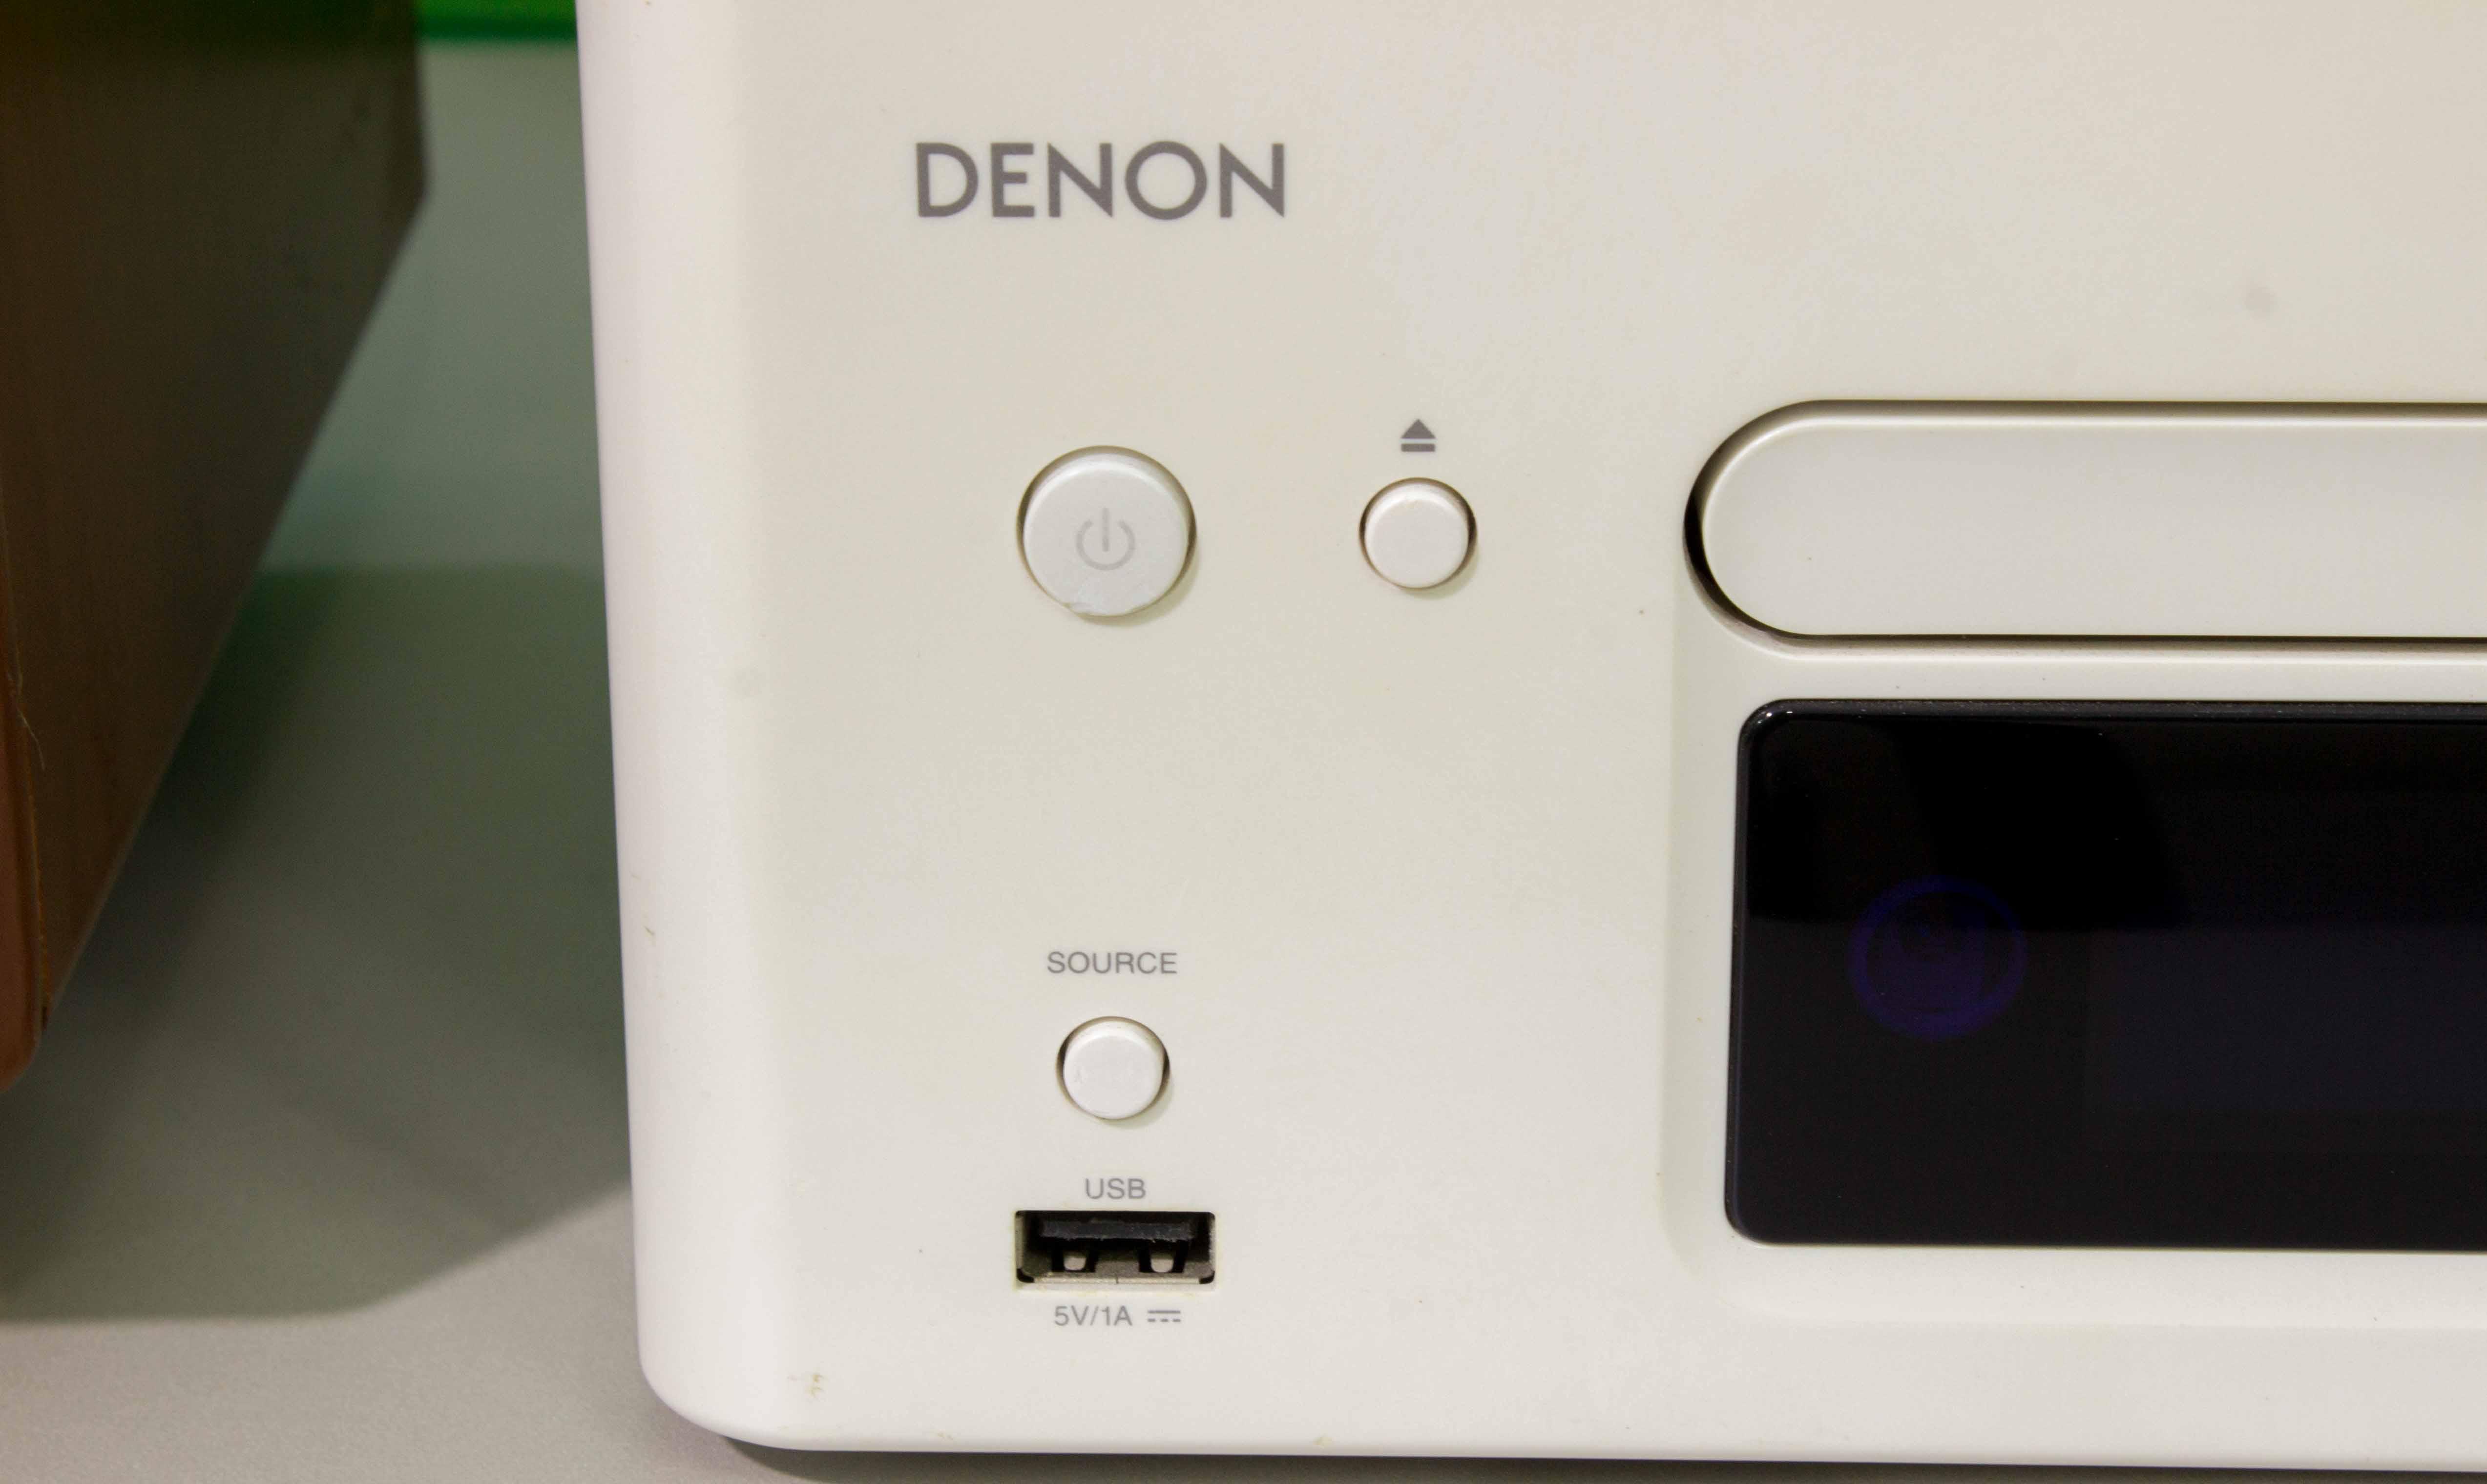 DENON RCD-N7